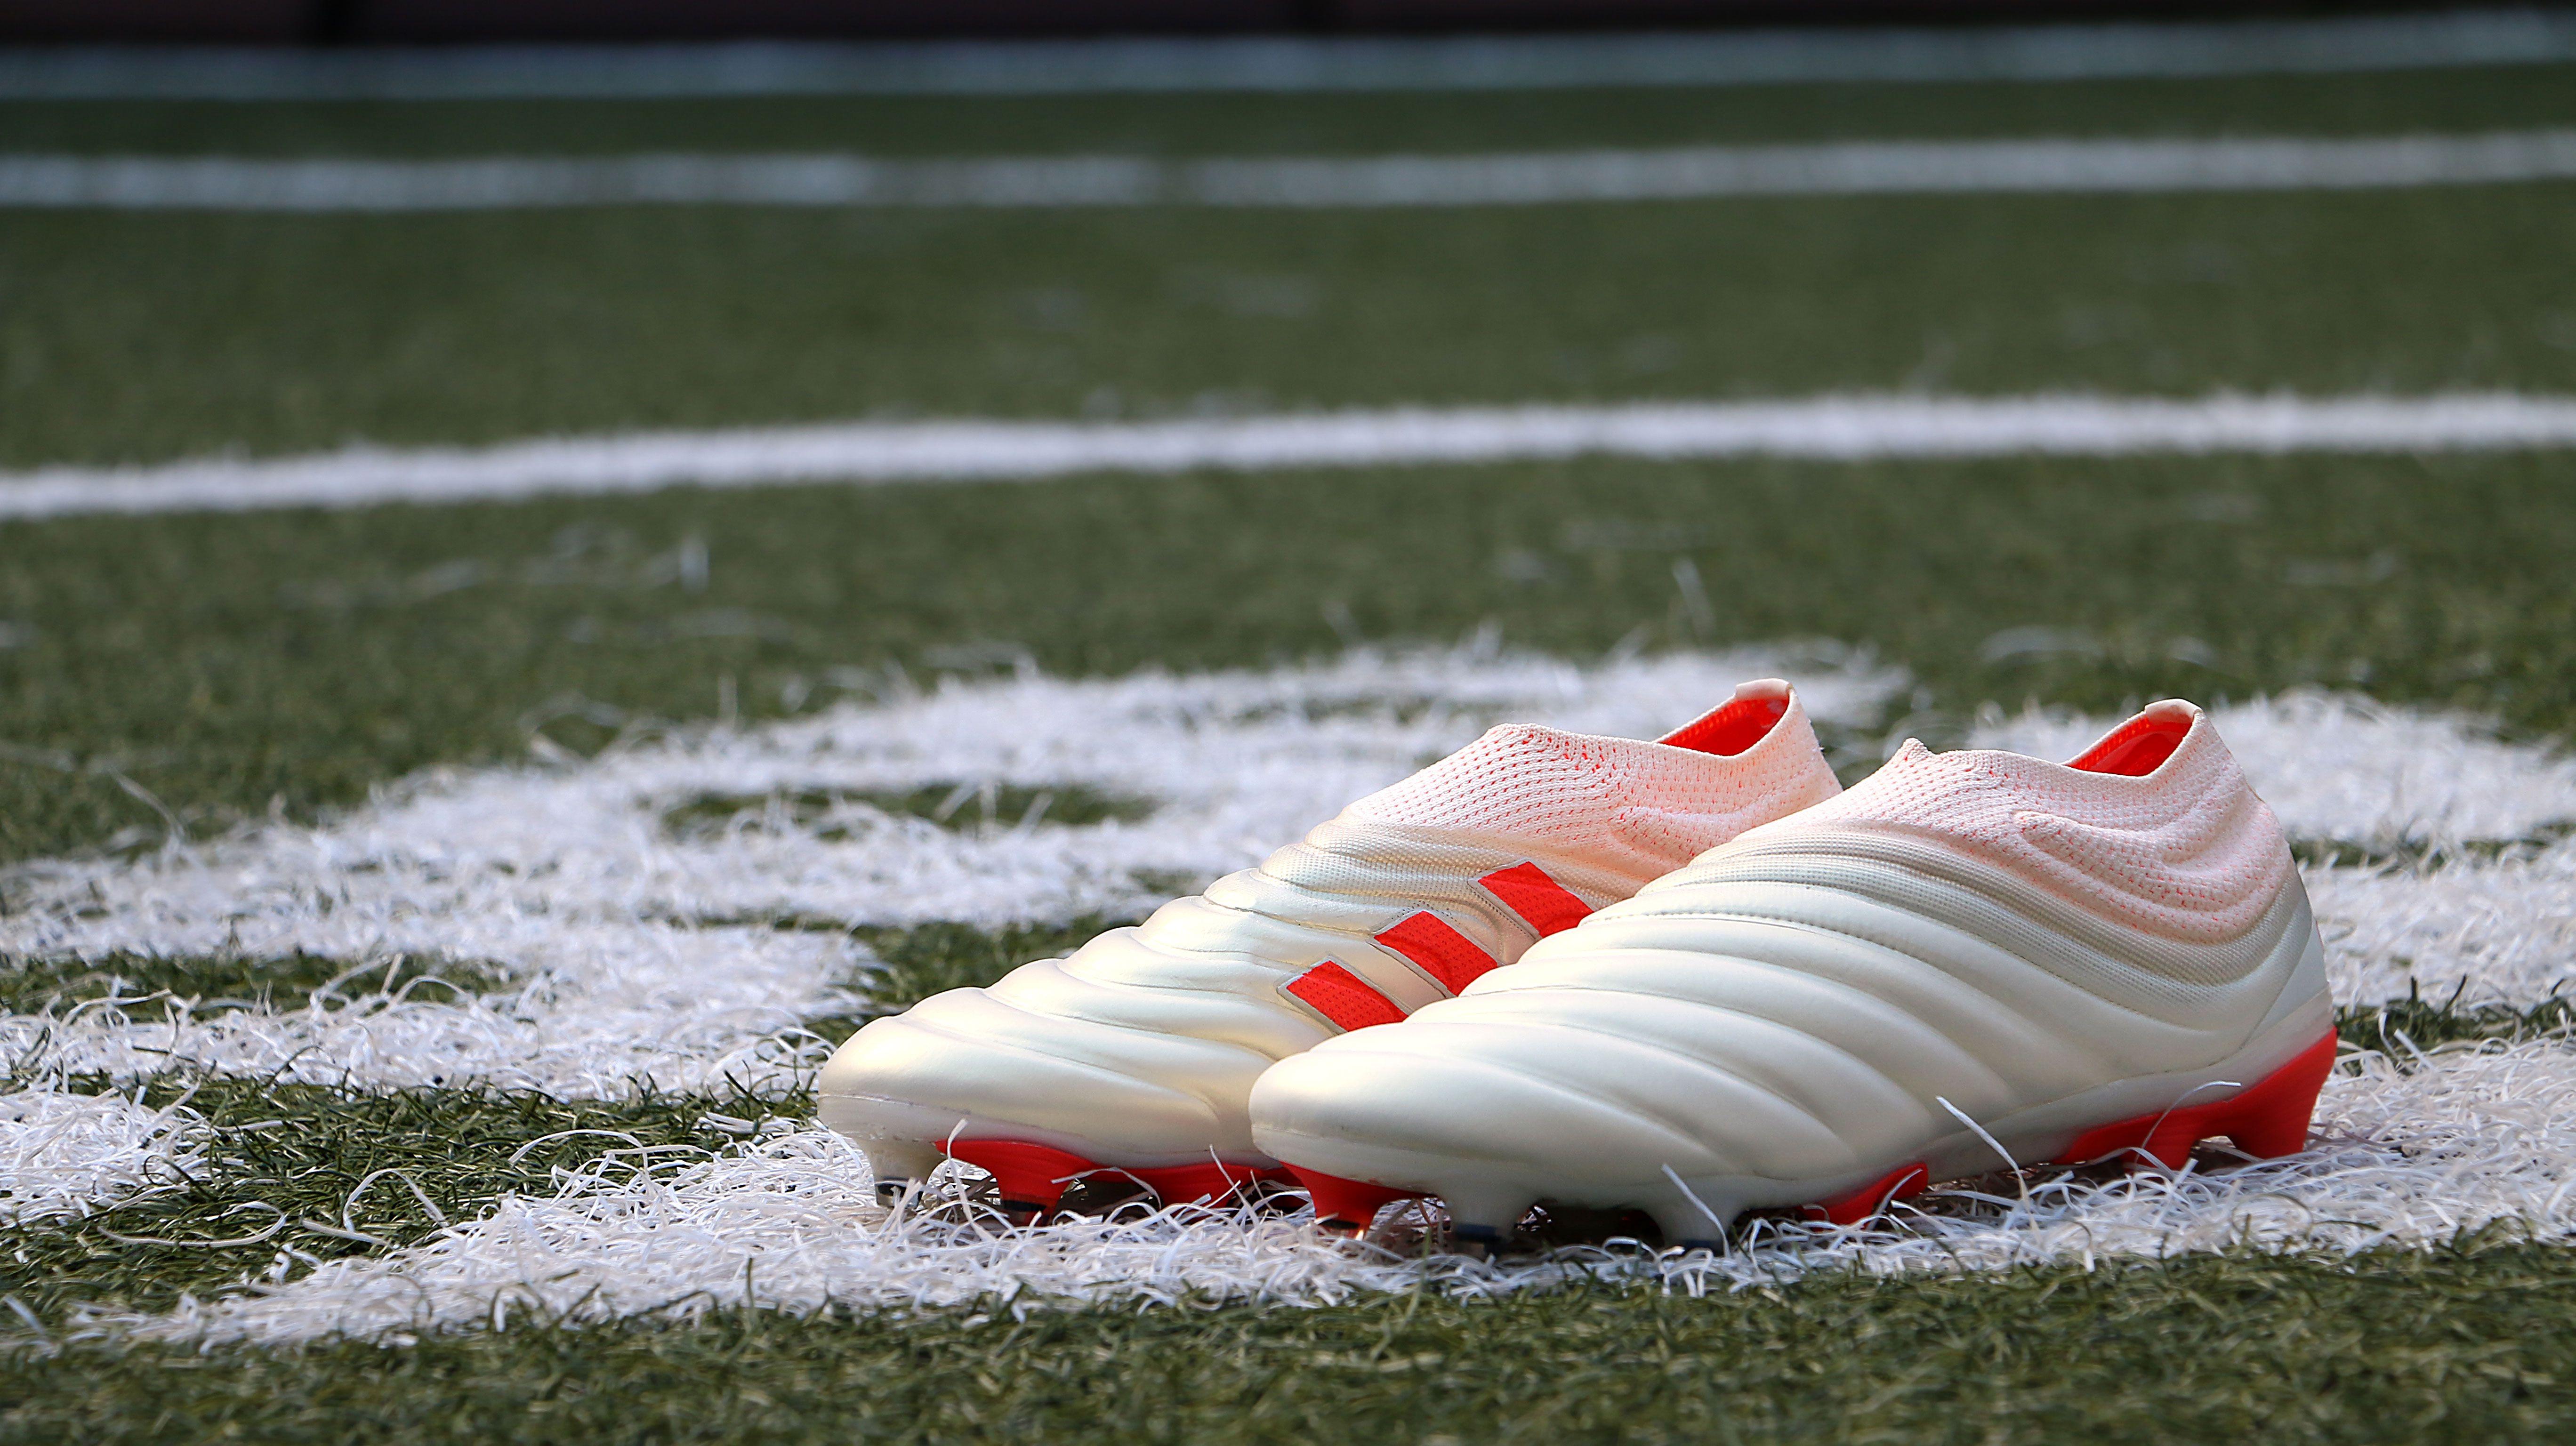 8a297ddc175a0 Botas con tacos adidas Copa 19 Initiator Pack. Revolucionario nuevo modelo  sin cordones.  adidas  Dybala  cleats  initiatorpack  adidascopa   adidasFootball ...